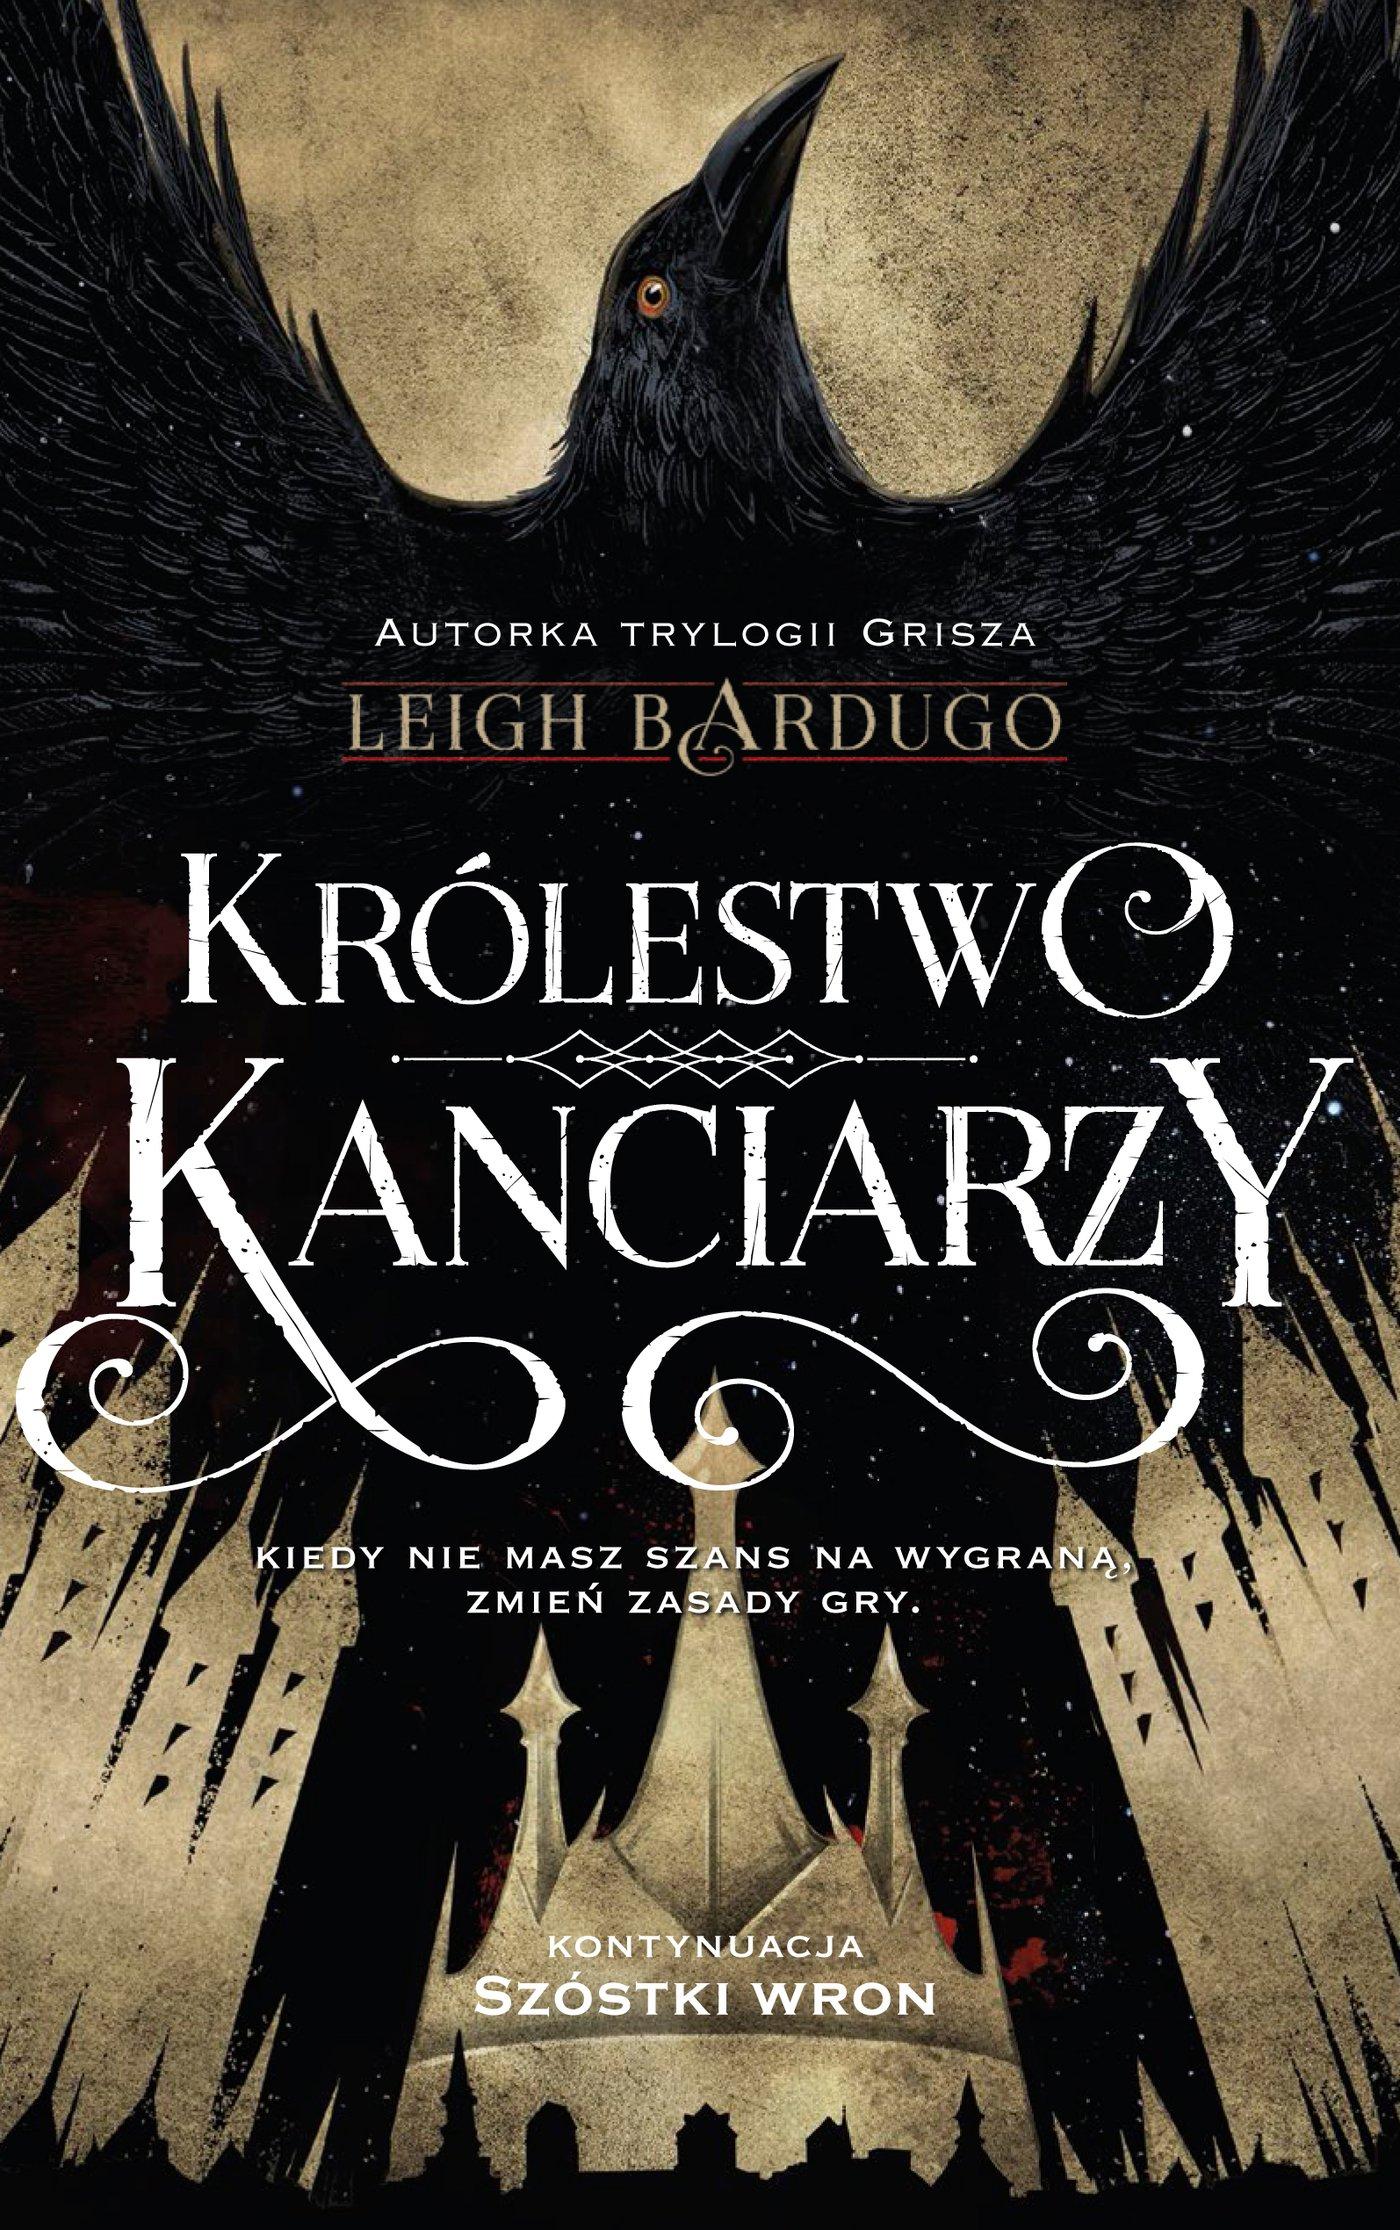 Królestwo kanciarzy - Ebook (Książka na Kindle) do pobrania w formacie MOBI